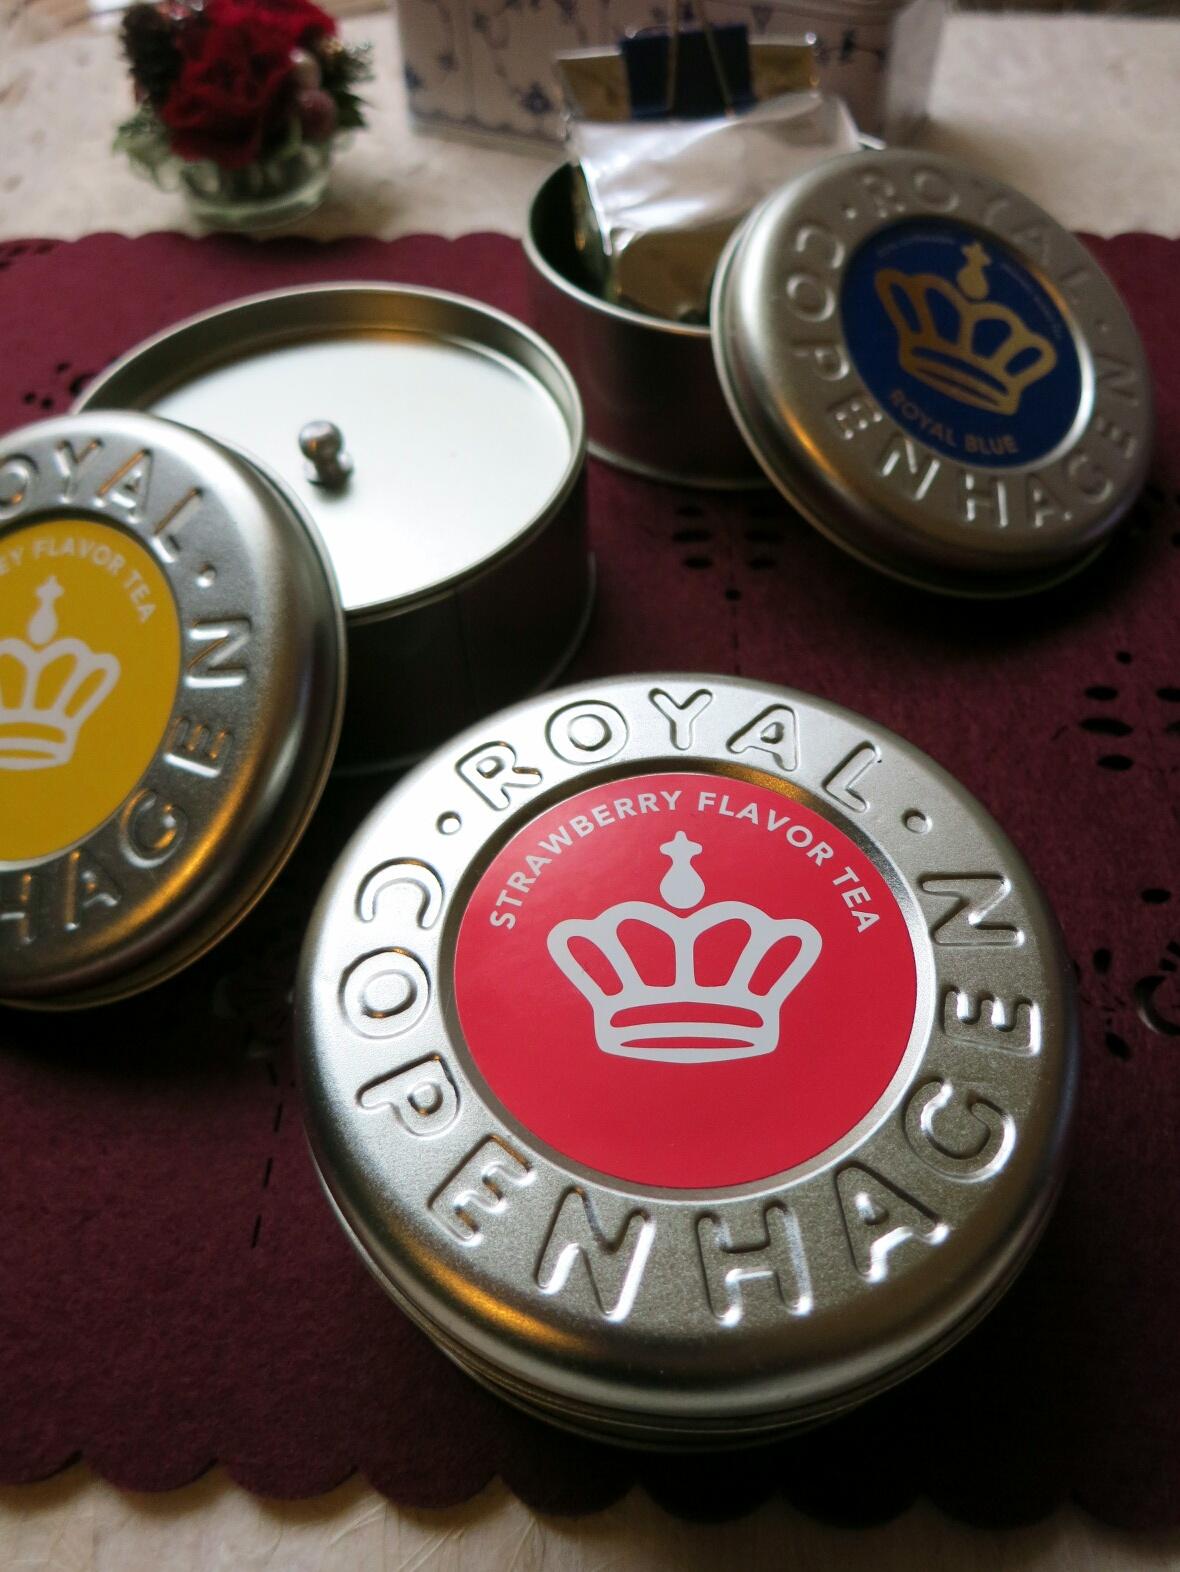 Rコペンハーゲンの紅茶缶~ふりこ茶房のふりこケーキ_f0236260_1734427.jpg